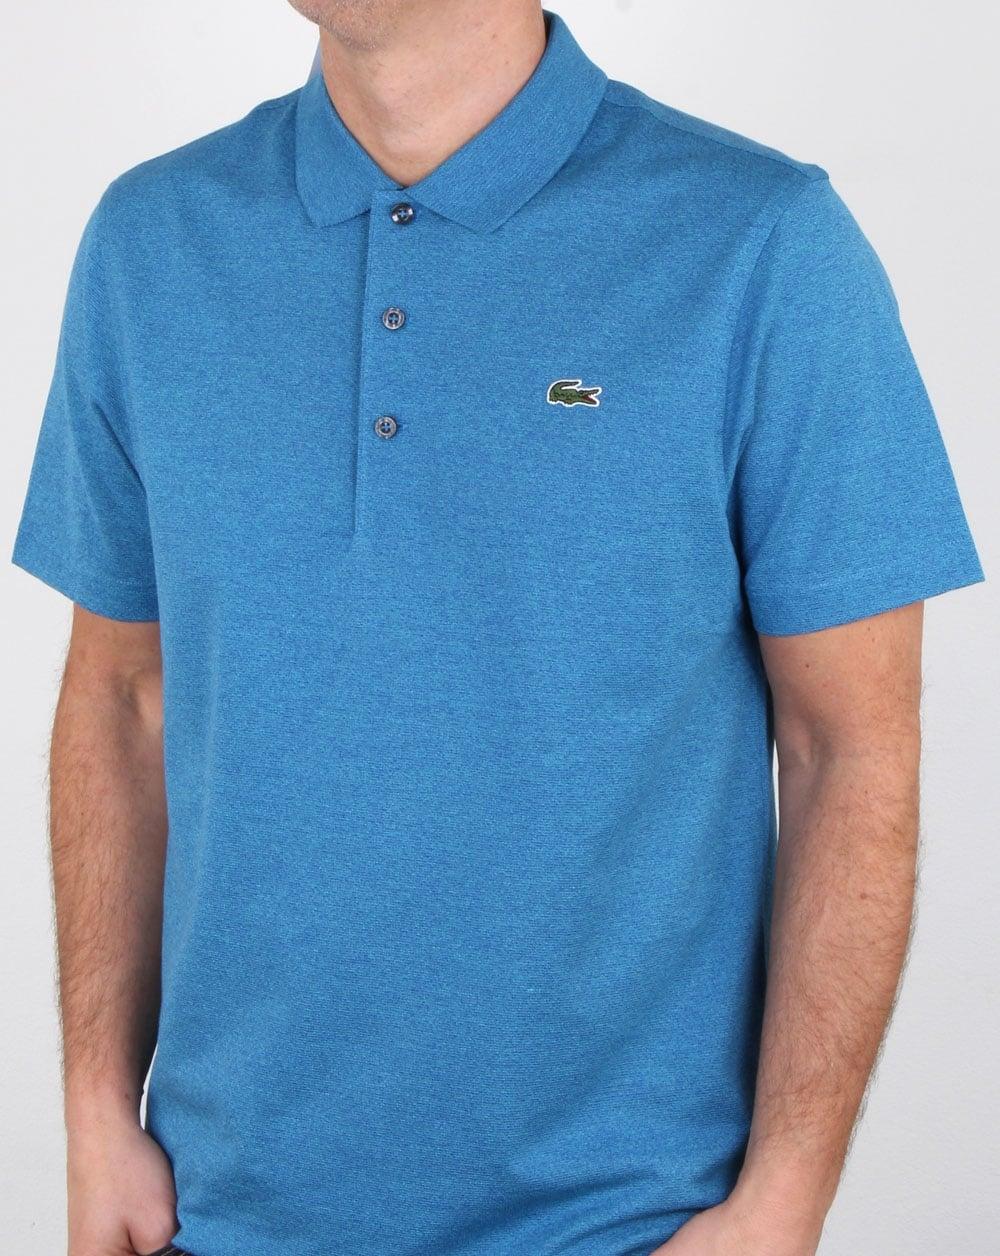 20d04c697 Buy Lacoste Shirts Online